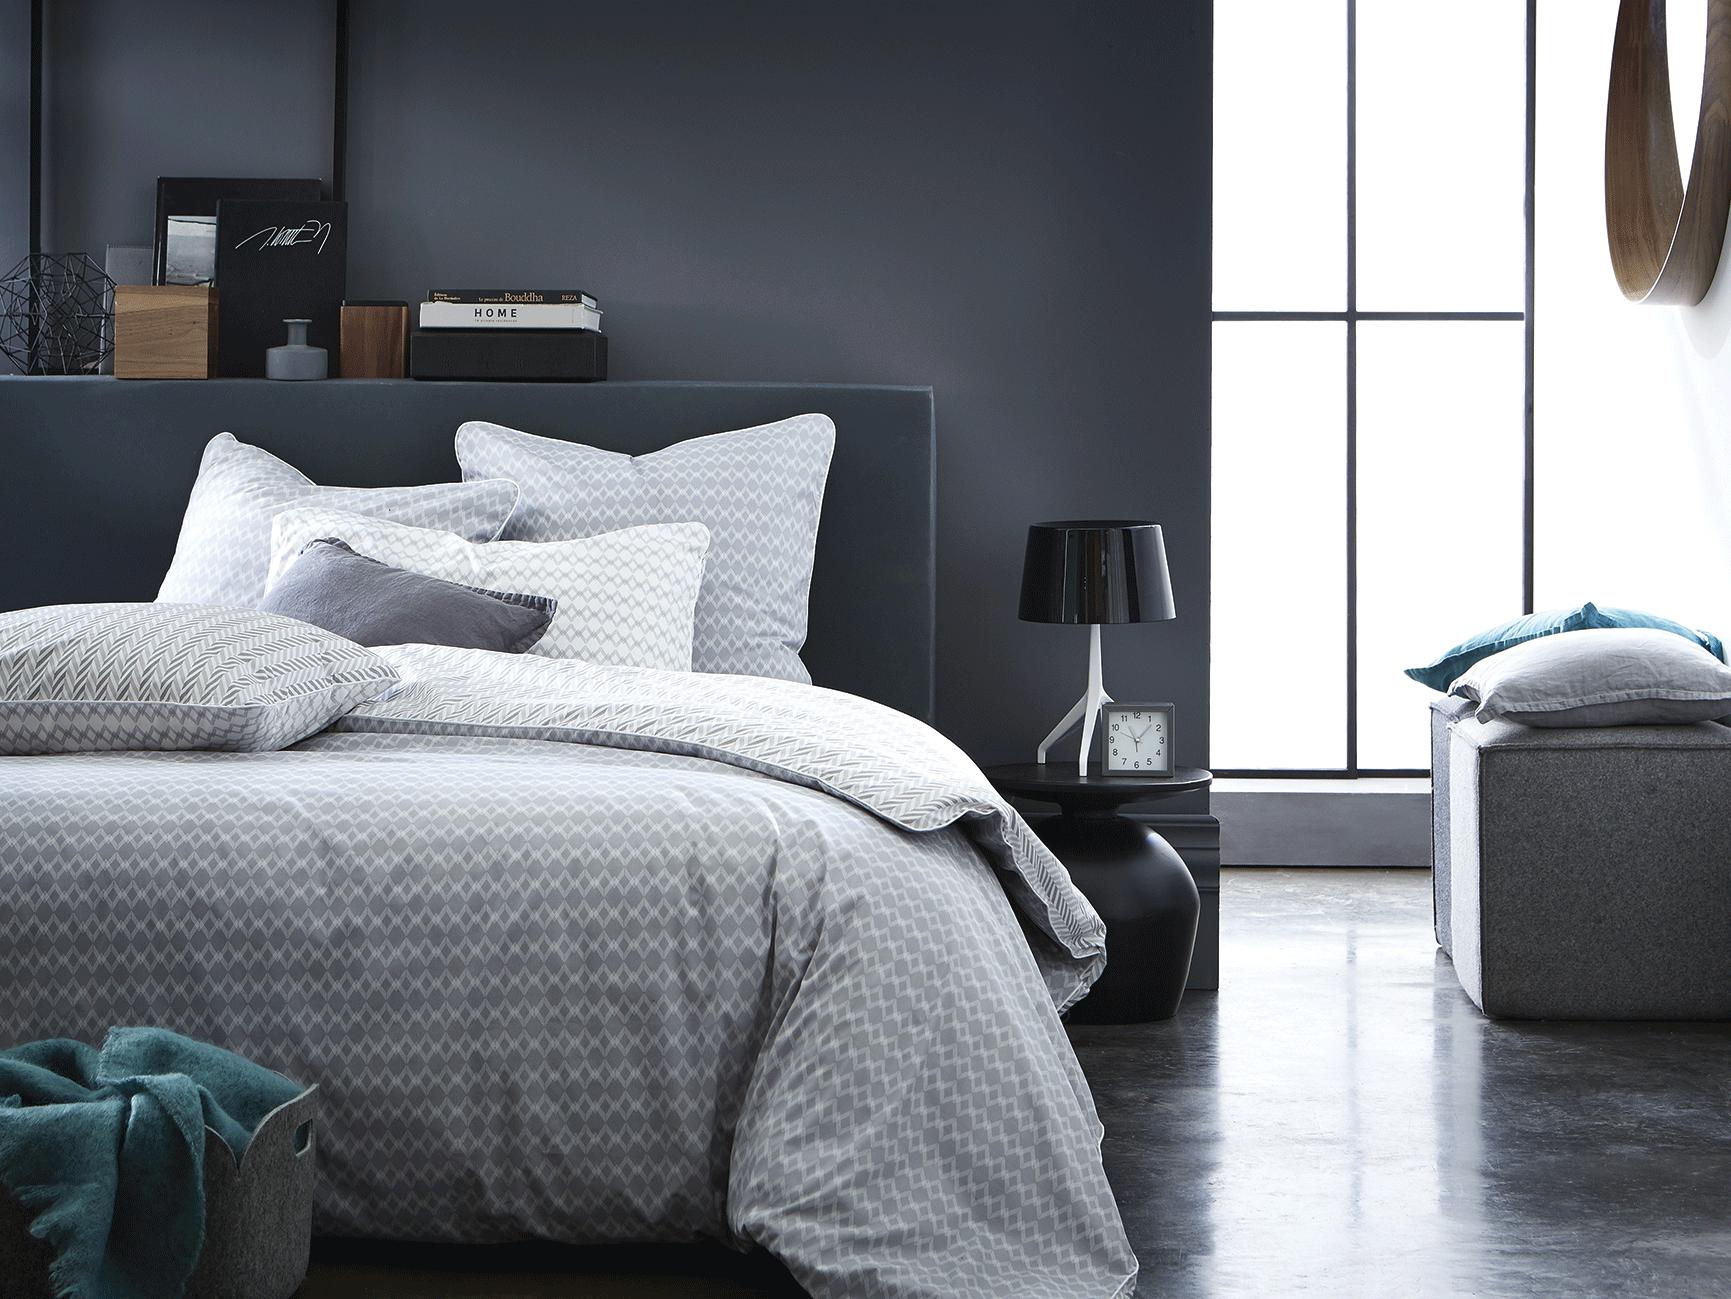 Nouvelle Parure Imprimée Vice Versa Gris Et Blanc Pour Une Chambre - Parure de lit design chic